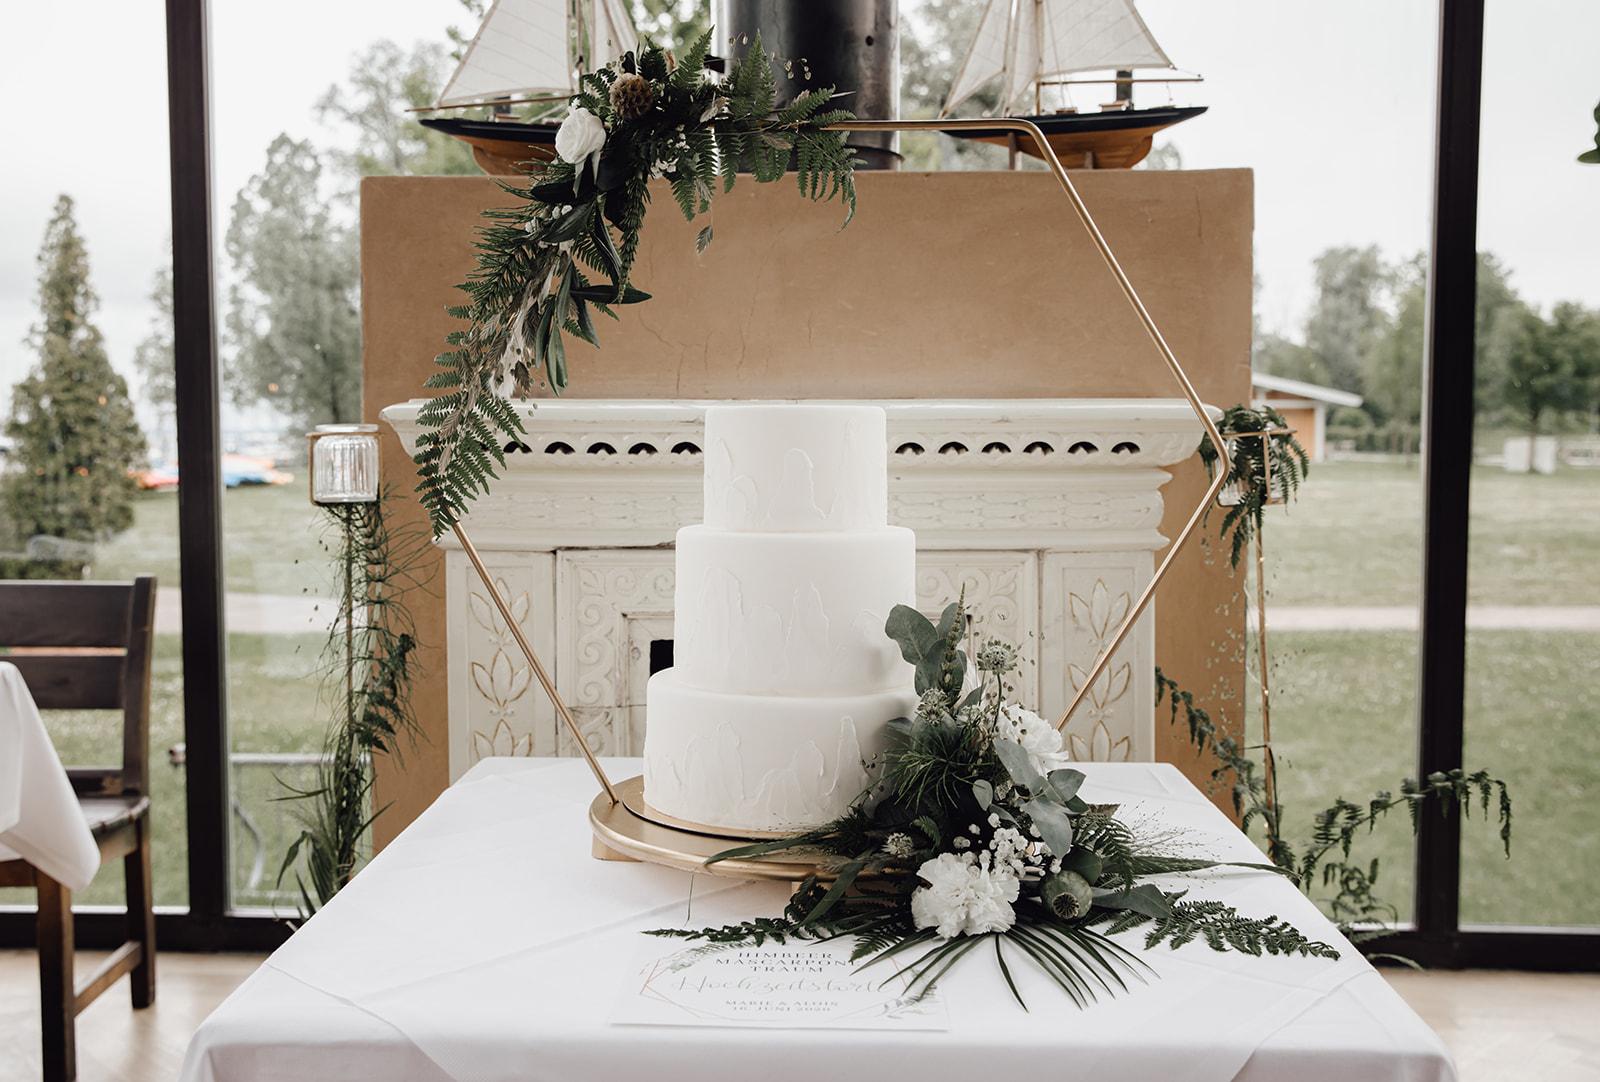 HeimArt Design Papeterie Chiemsee Hochzeit Greenery Wedding Tischdekoration Teller Menükarten Tischkarten Gastgeschenke Brauttisch Hochzeitstorte